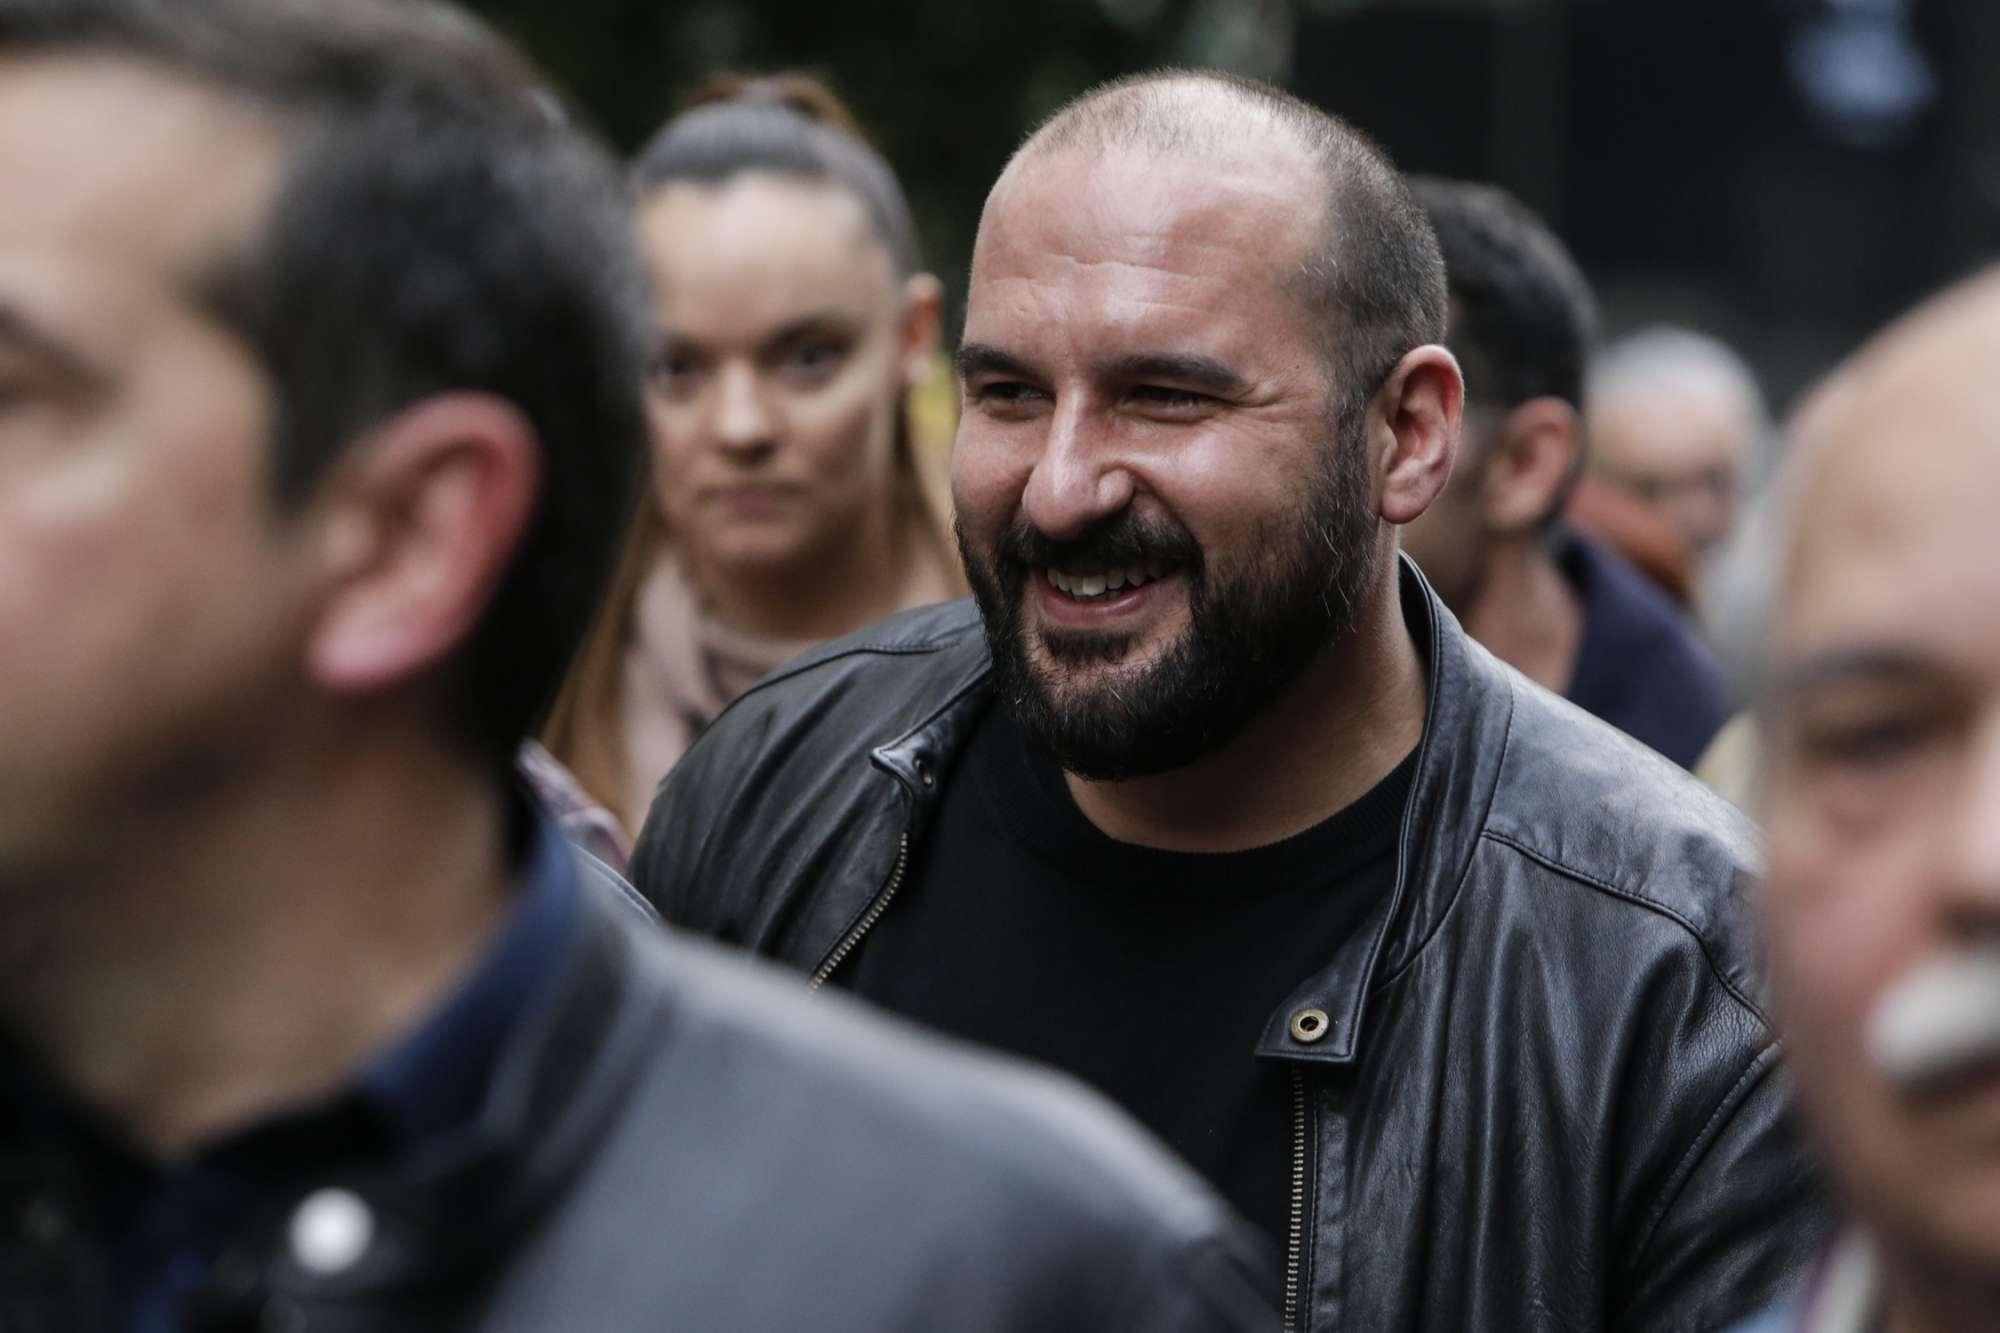 Χαμογελαστός ο «βράχος» Δημήτρης Τζανακόπουλος. Με δερμάτινο κι αυτός...